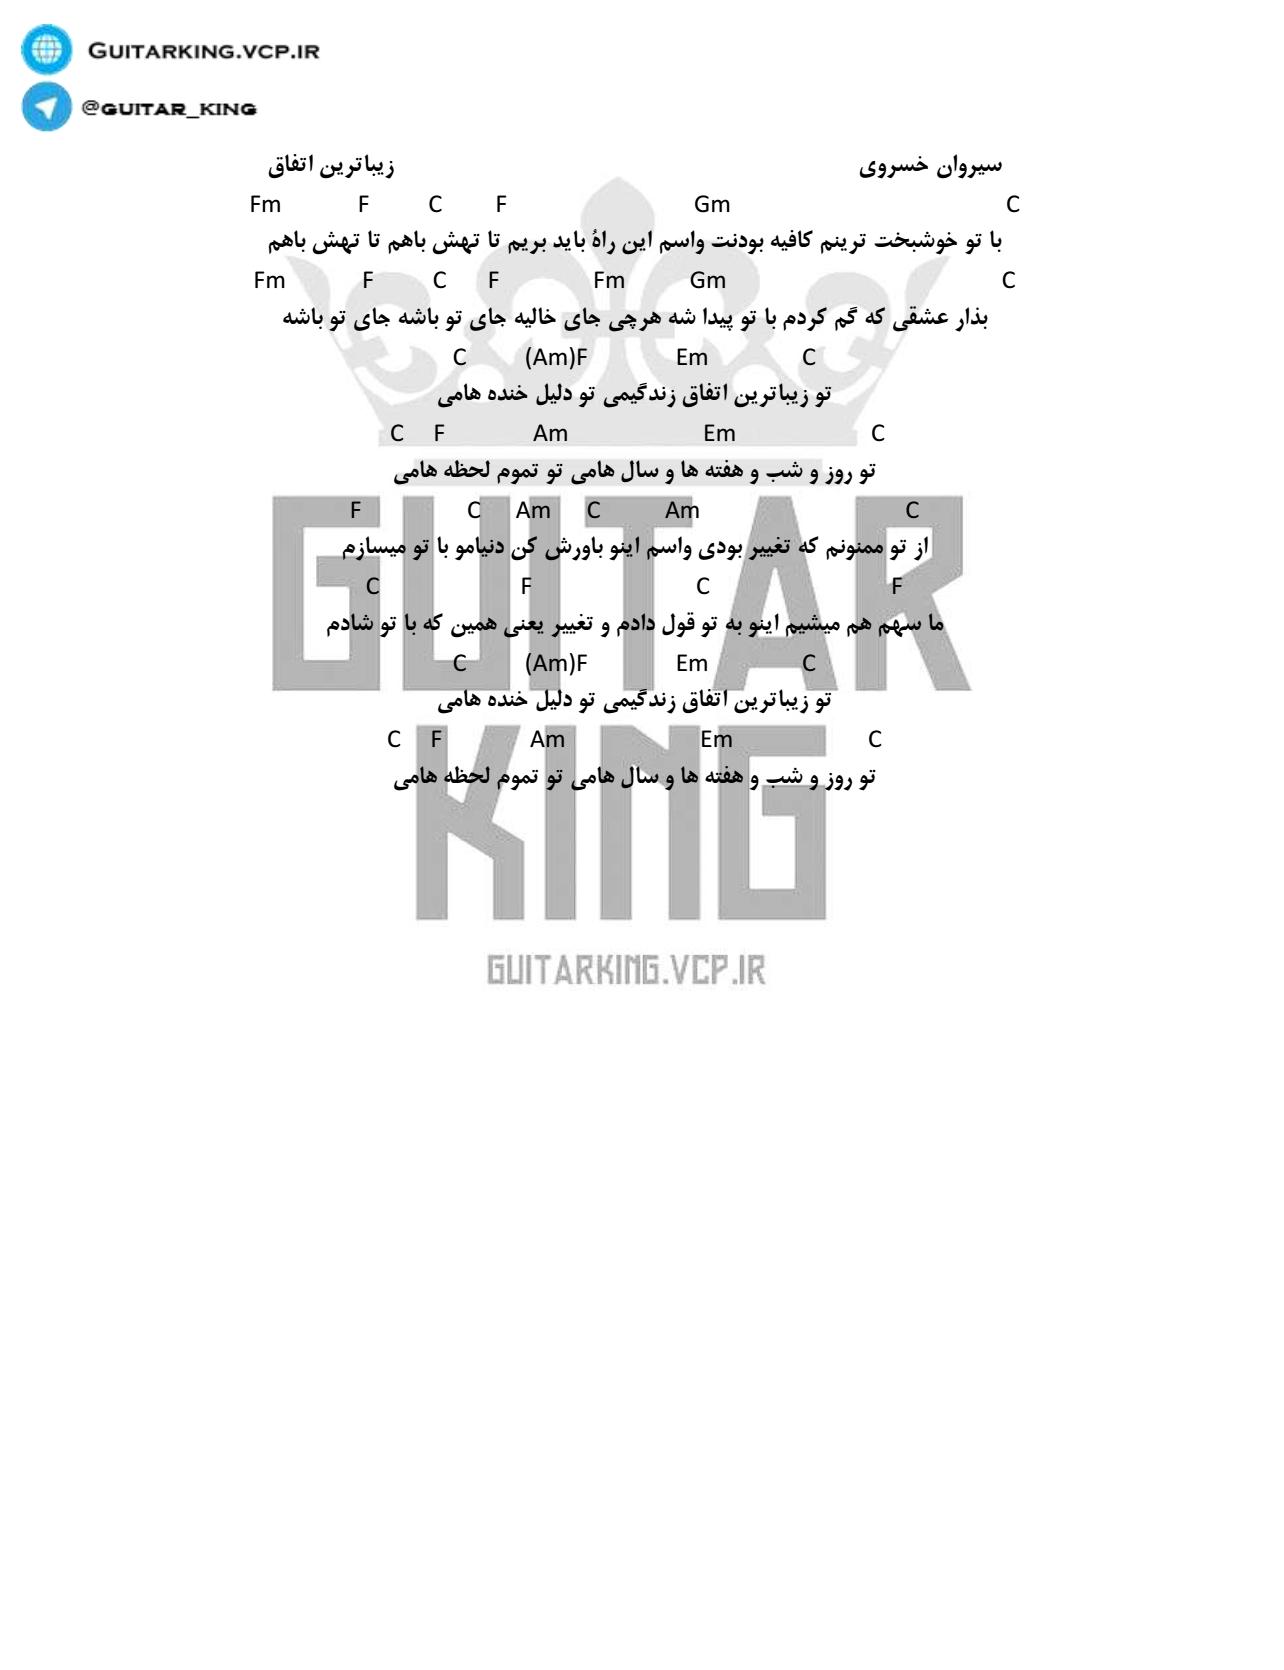 اکورد اهنگ زیباترین اتفاق از سیروان خسروی